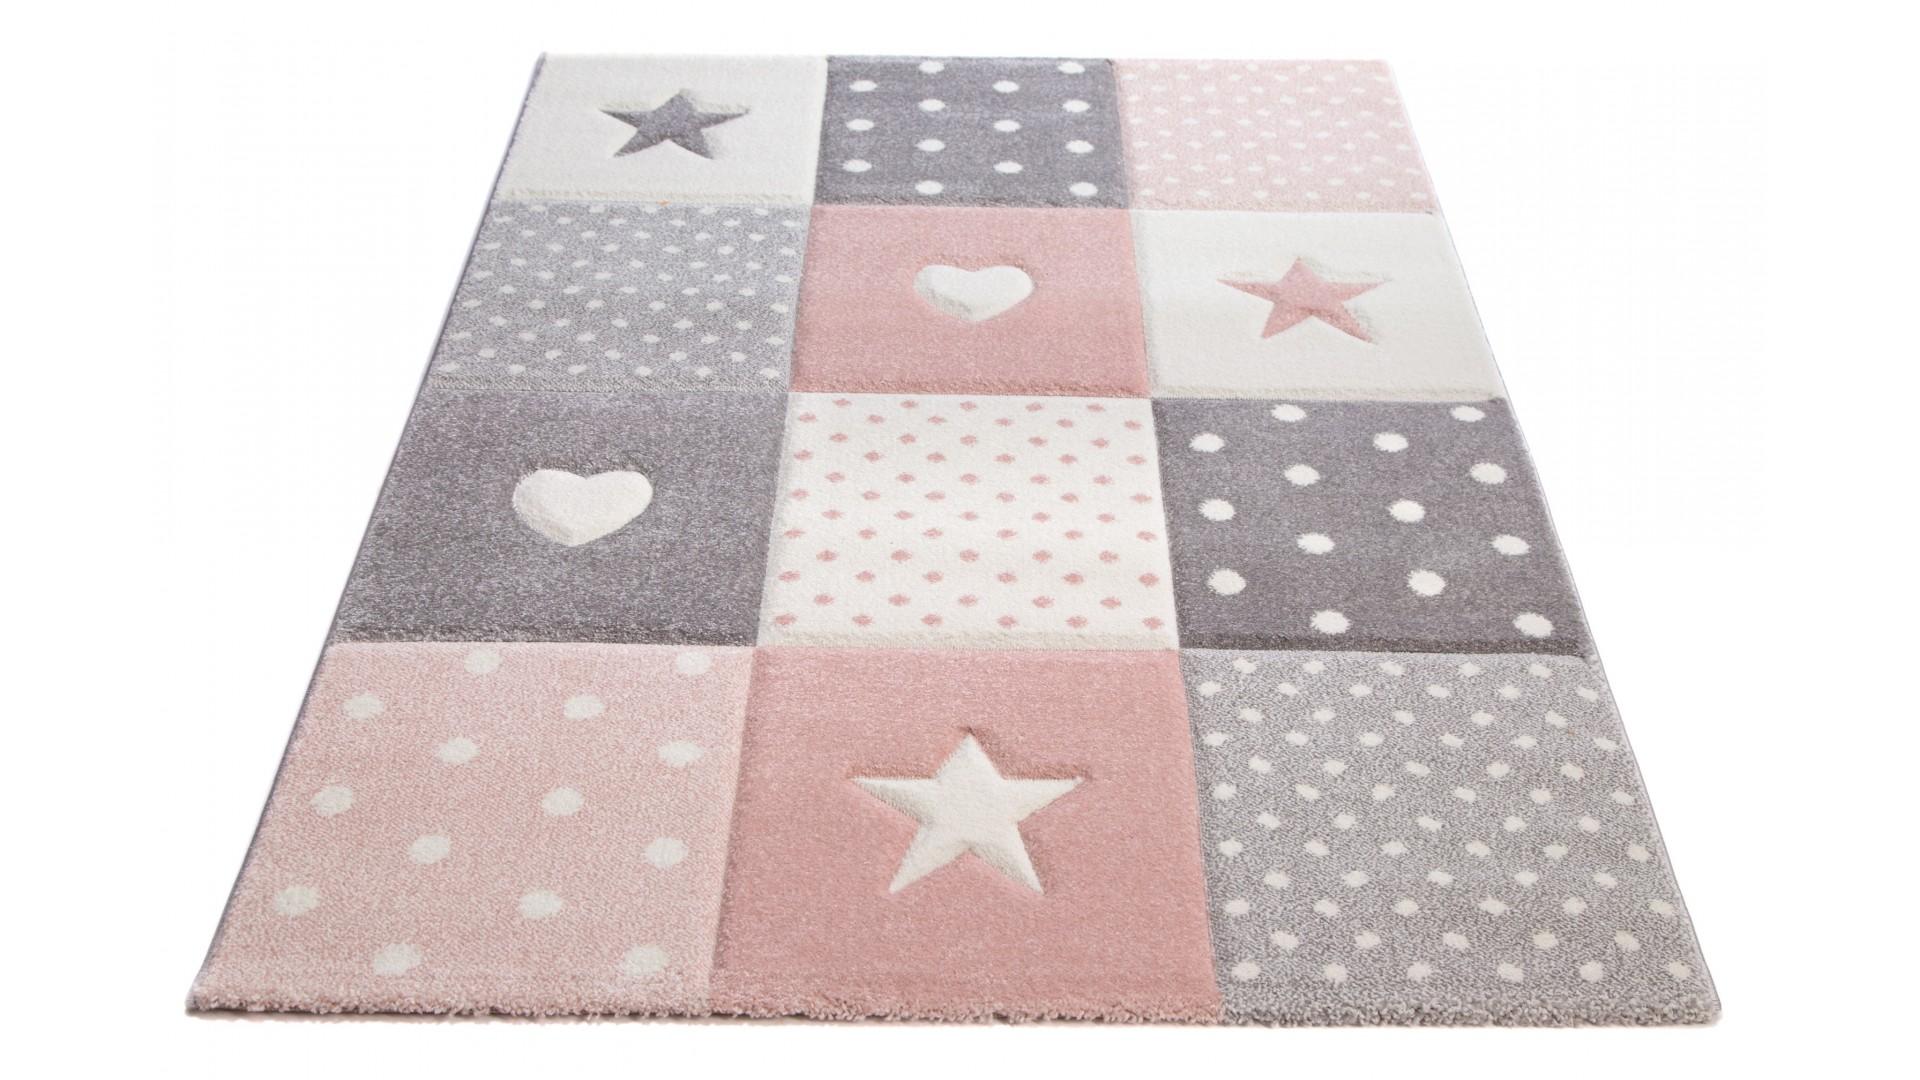 Piękny pastelowy dywan do pokoju dziecięcego.